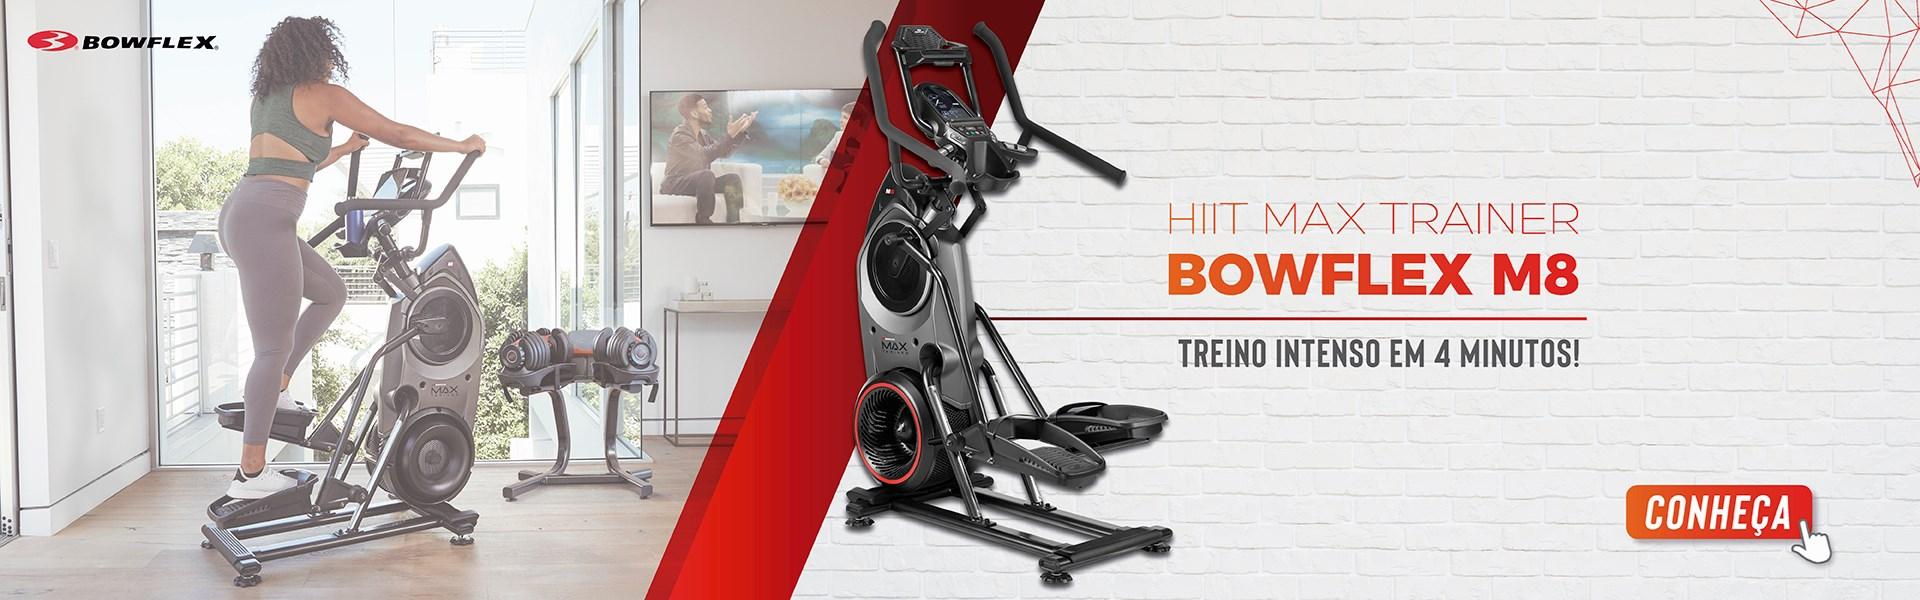 Eliptico Max Trainer Bowflex M8